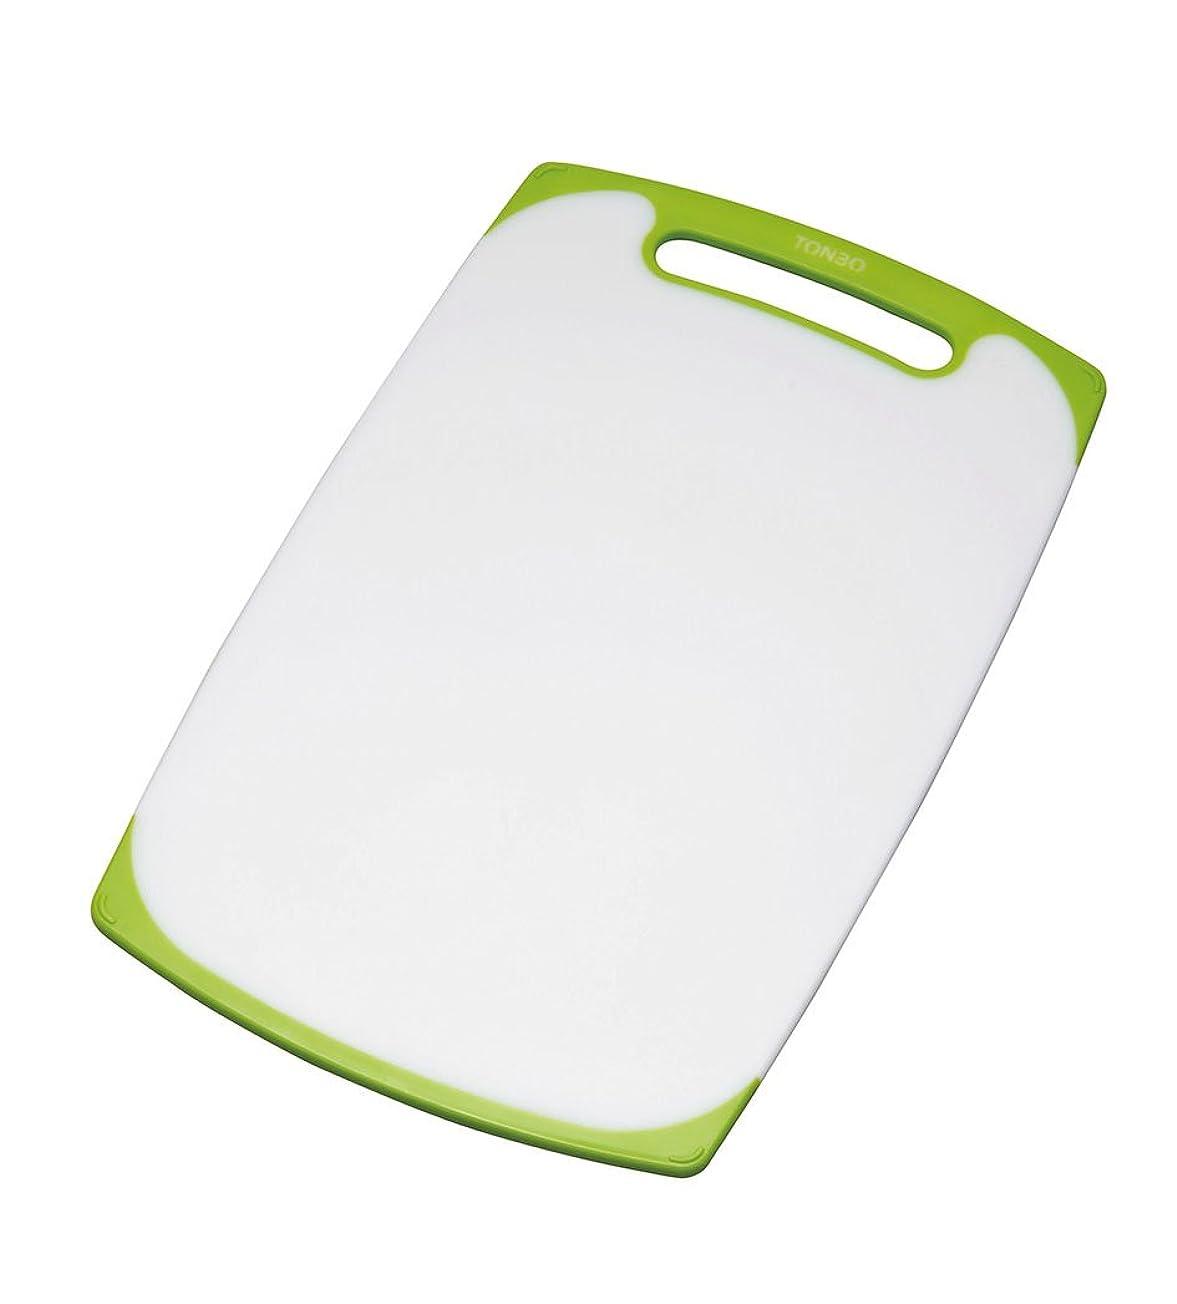 マインドフルセールリングシリコンまな板 俎板, Liflicon[クッキングエキスパート] FDAおよびLFGB認定、食品グレードのシリコーン